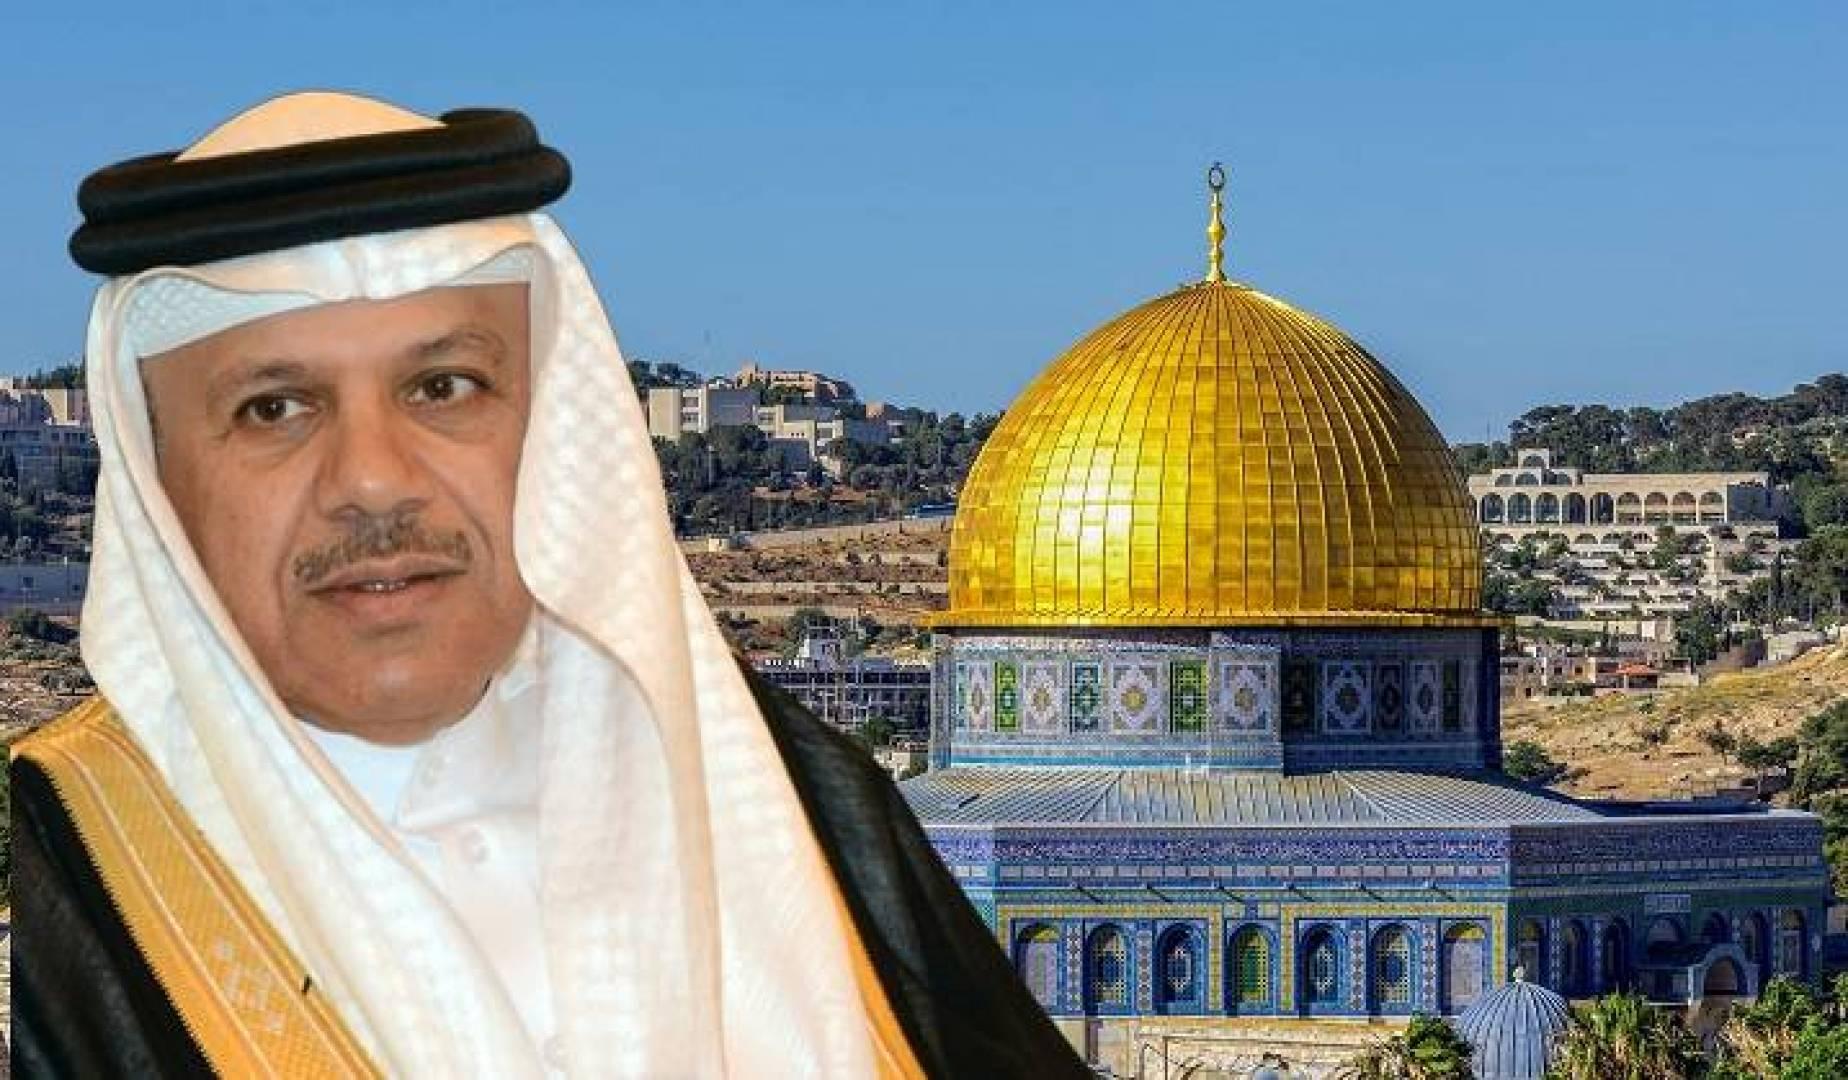 الأمين العام لمجلس التعاون الخليجي الدكتور عبداللطيف الزياني